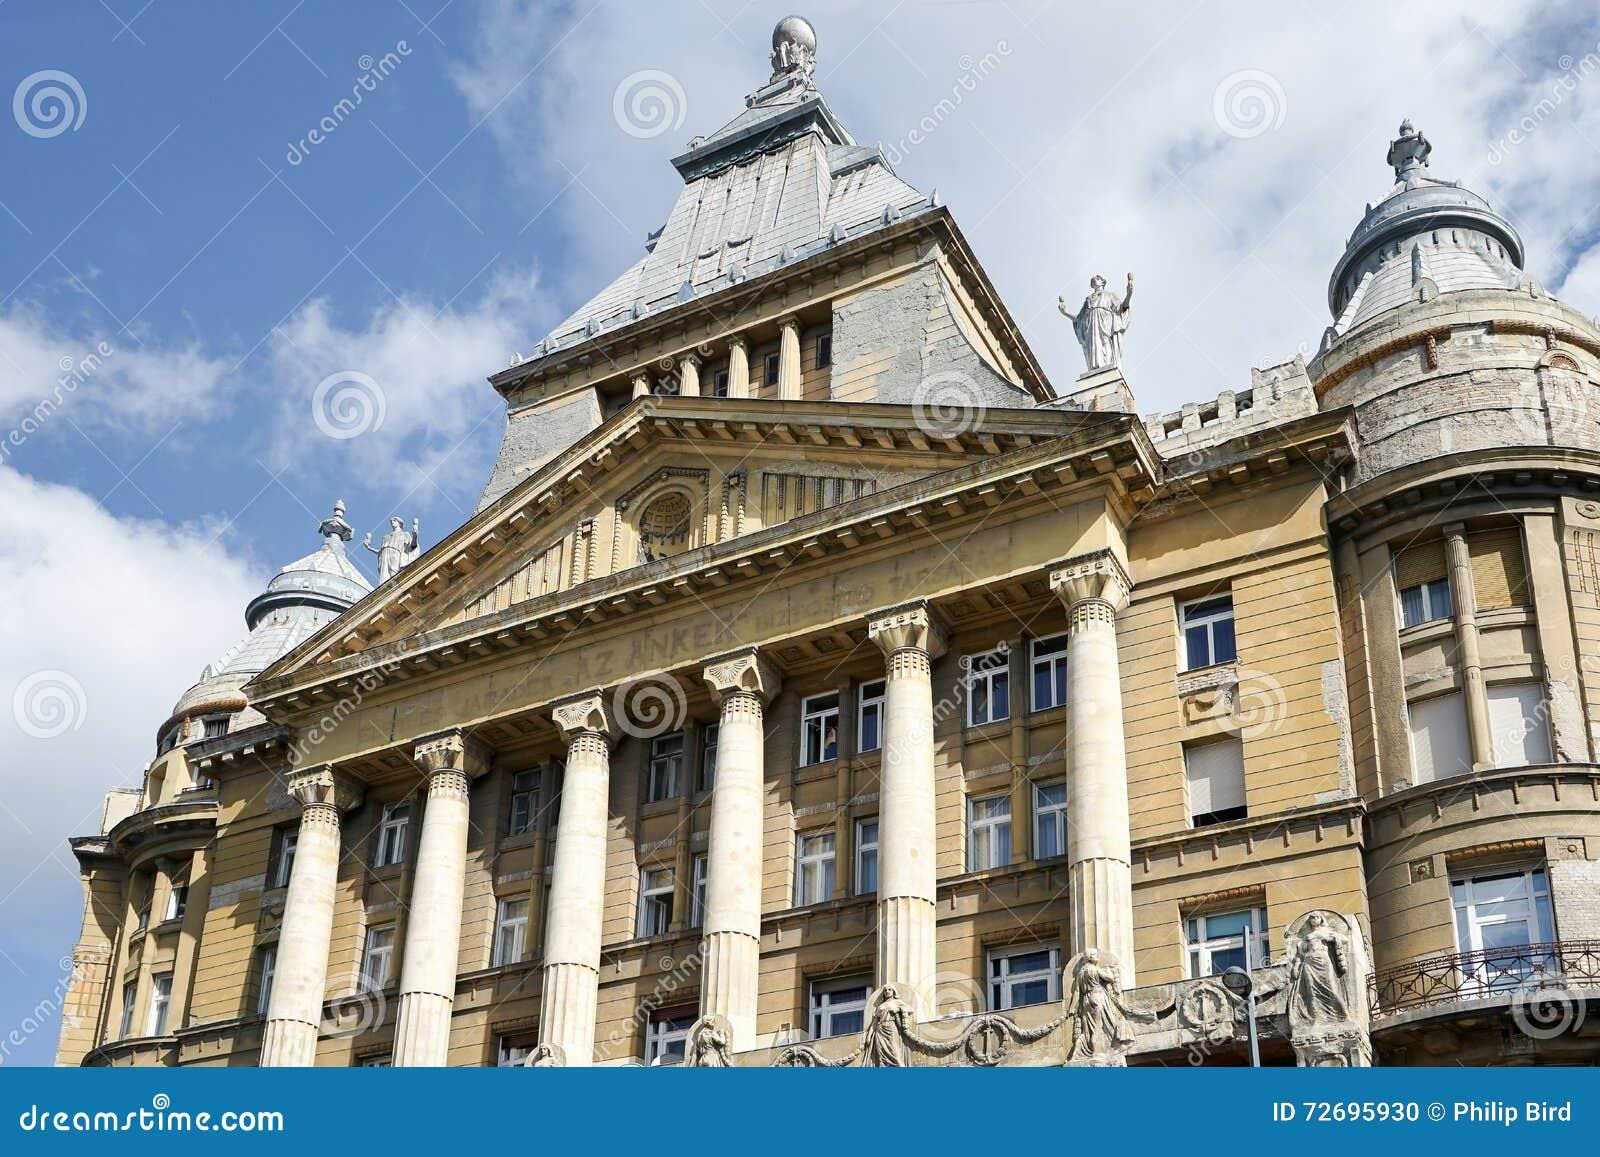 BUDAPEST, HUNGARY/EUROPE - SEPTEMBER 21 : Anker House in Budapest Hungary on September 21, 2014